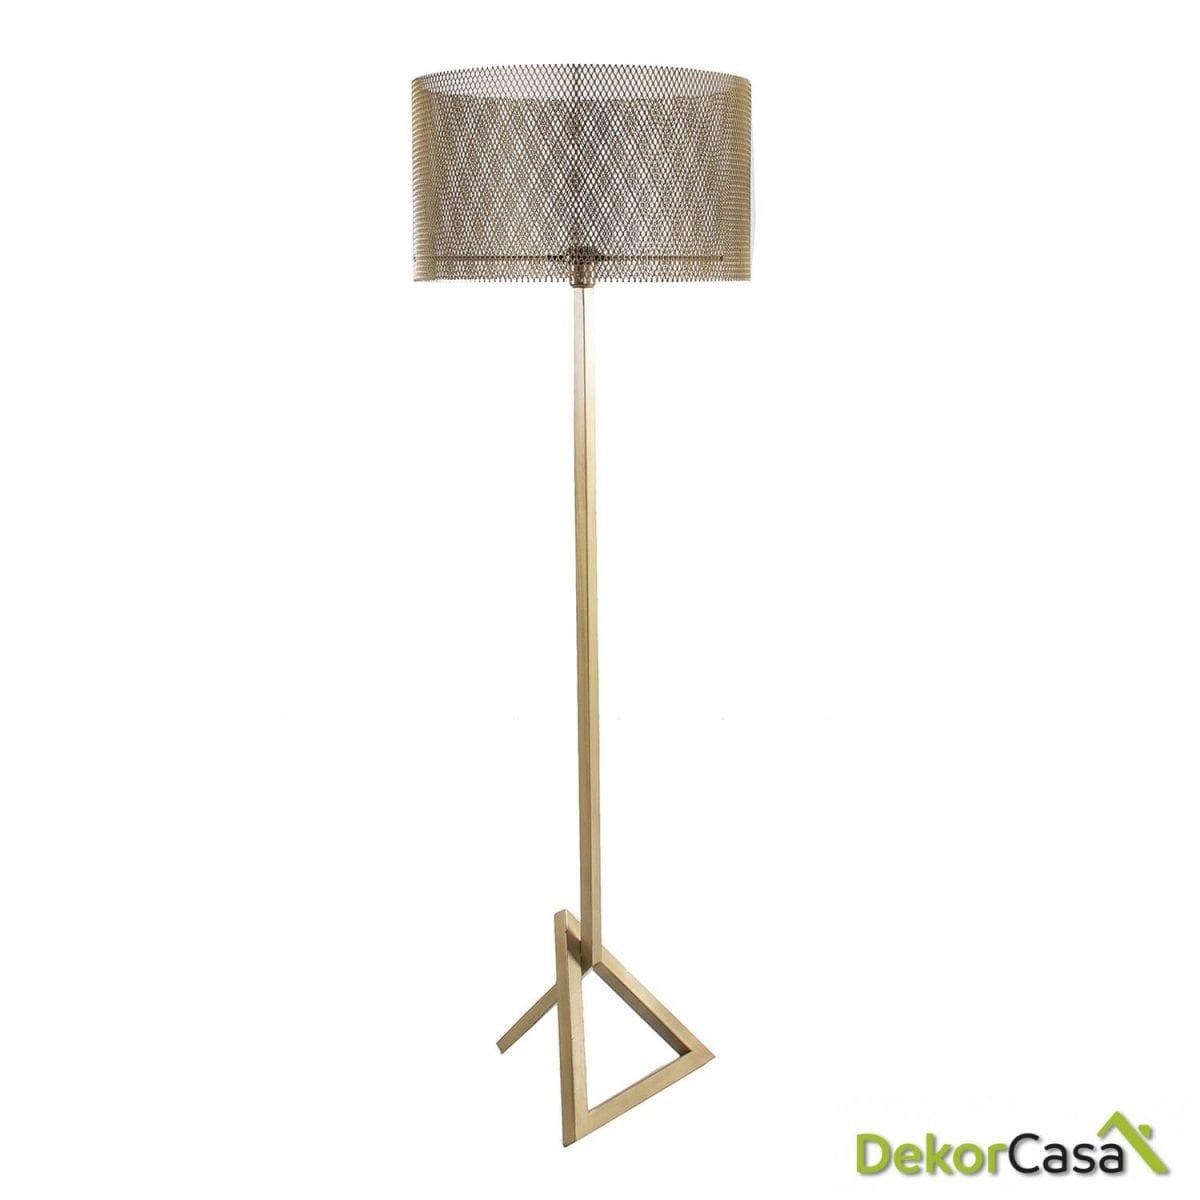 LAMPARA DE PIE REJILLA 52x52x161 cm